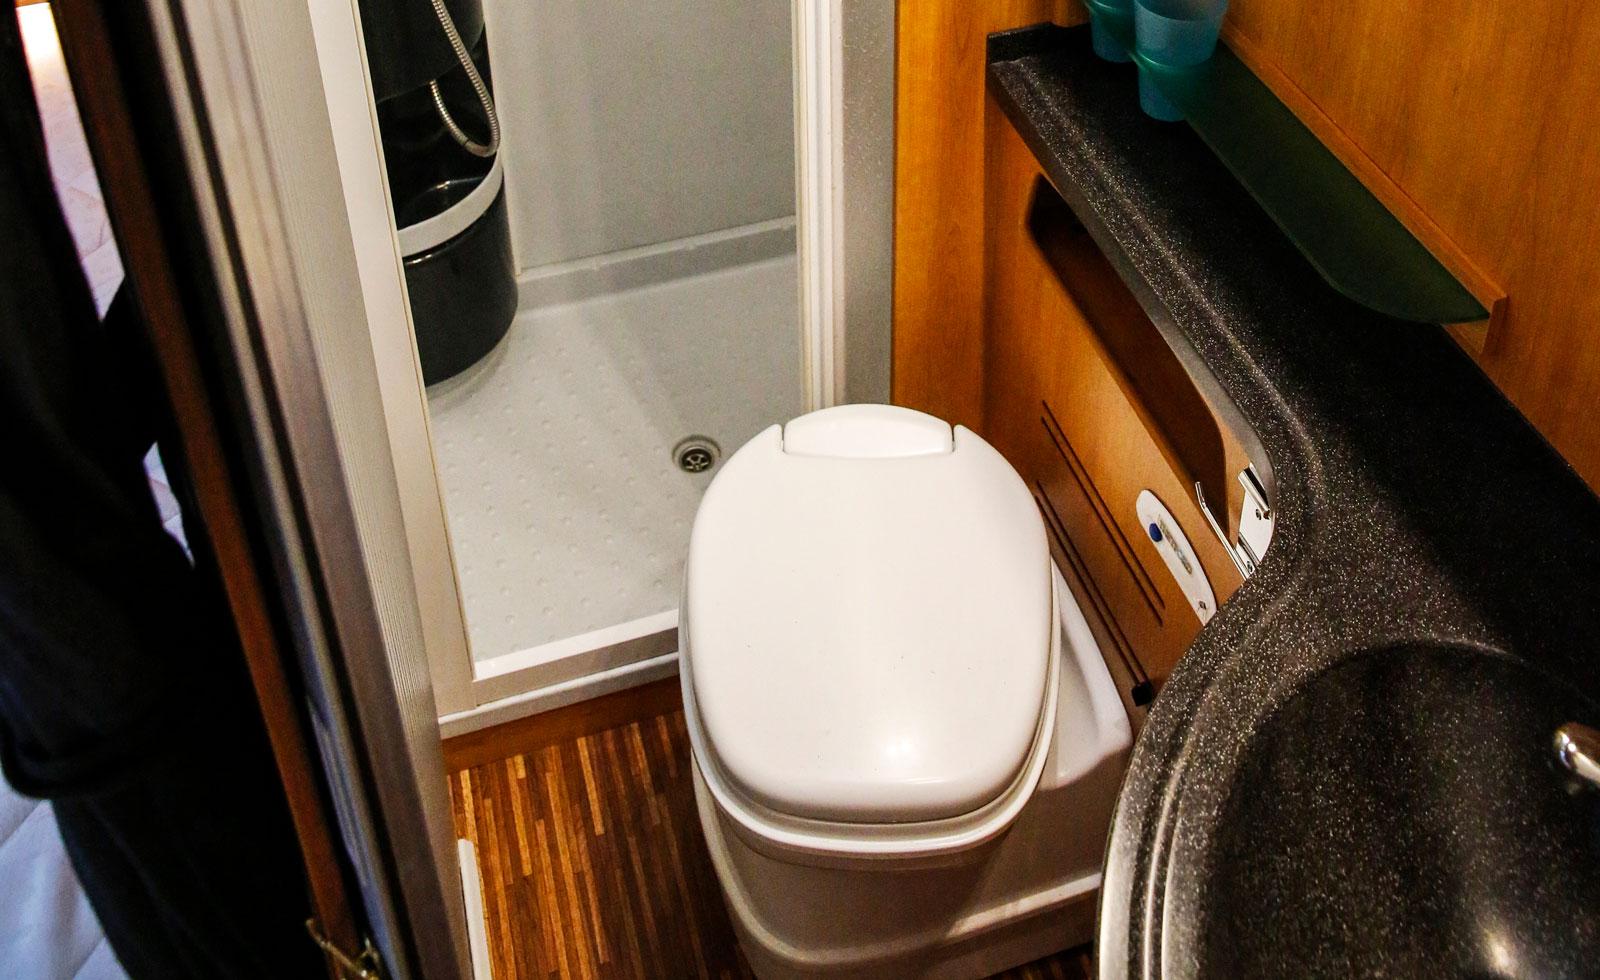 Toalett- och duschutrymmet saknar fönster. Däremot finns ljusinsläpp i taket.